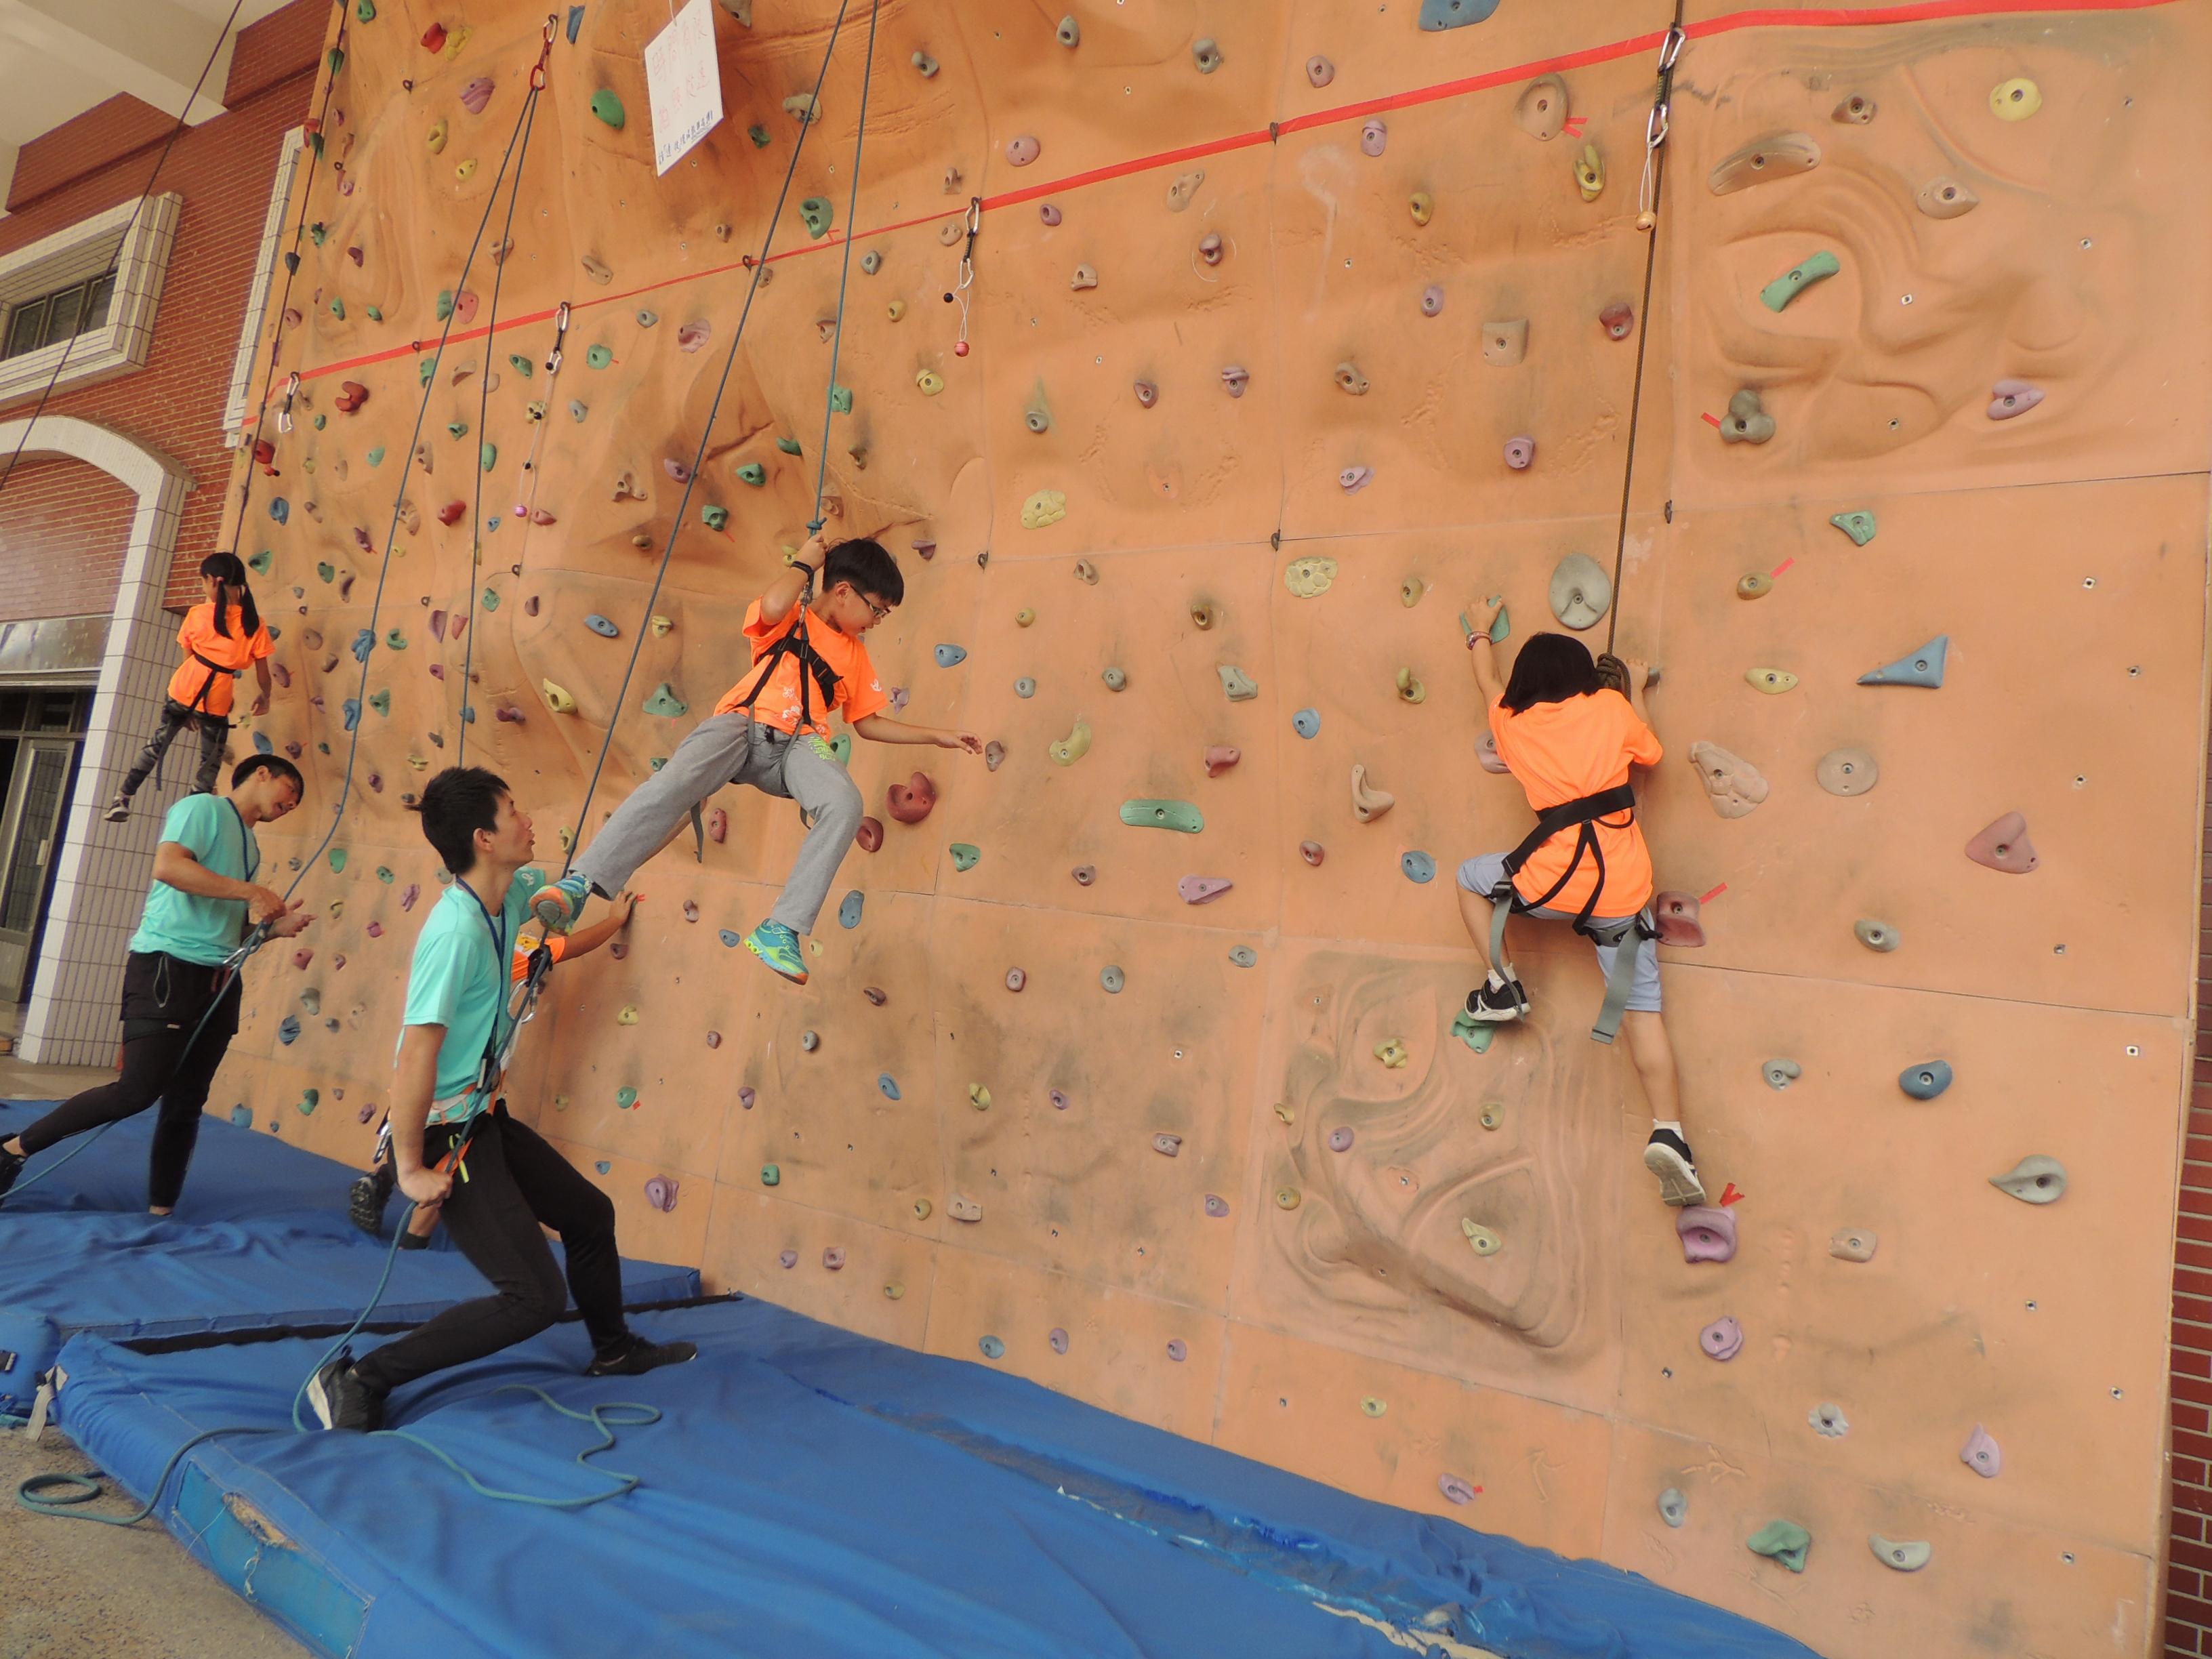 針對12歲以下的小鐵人,量身打造六大核心關卡,透過趣味的體驗方式達到運動成效。(圖/徐炳文攝)